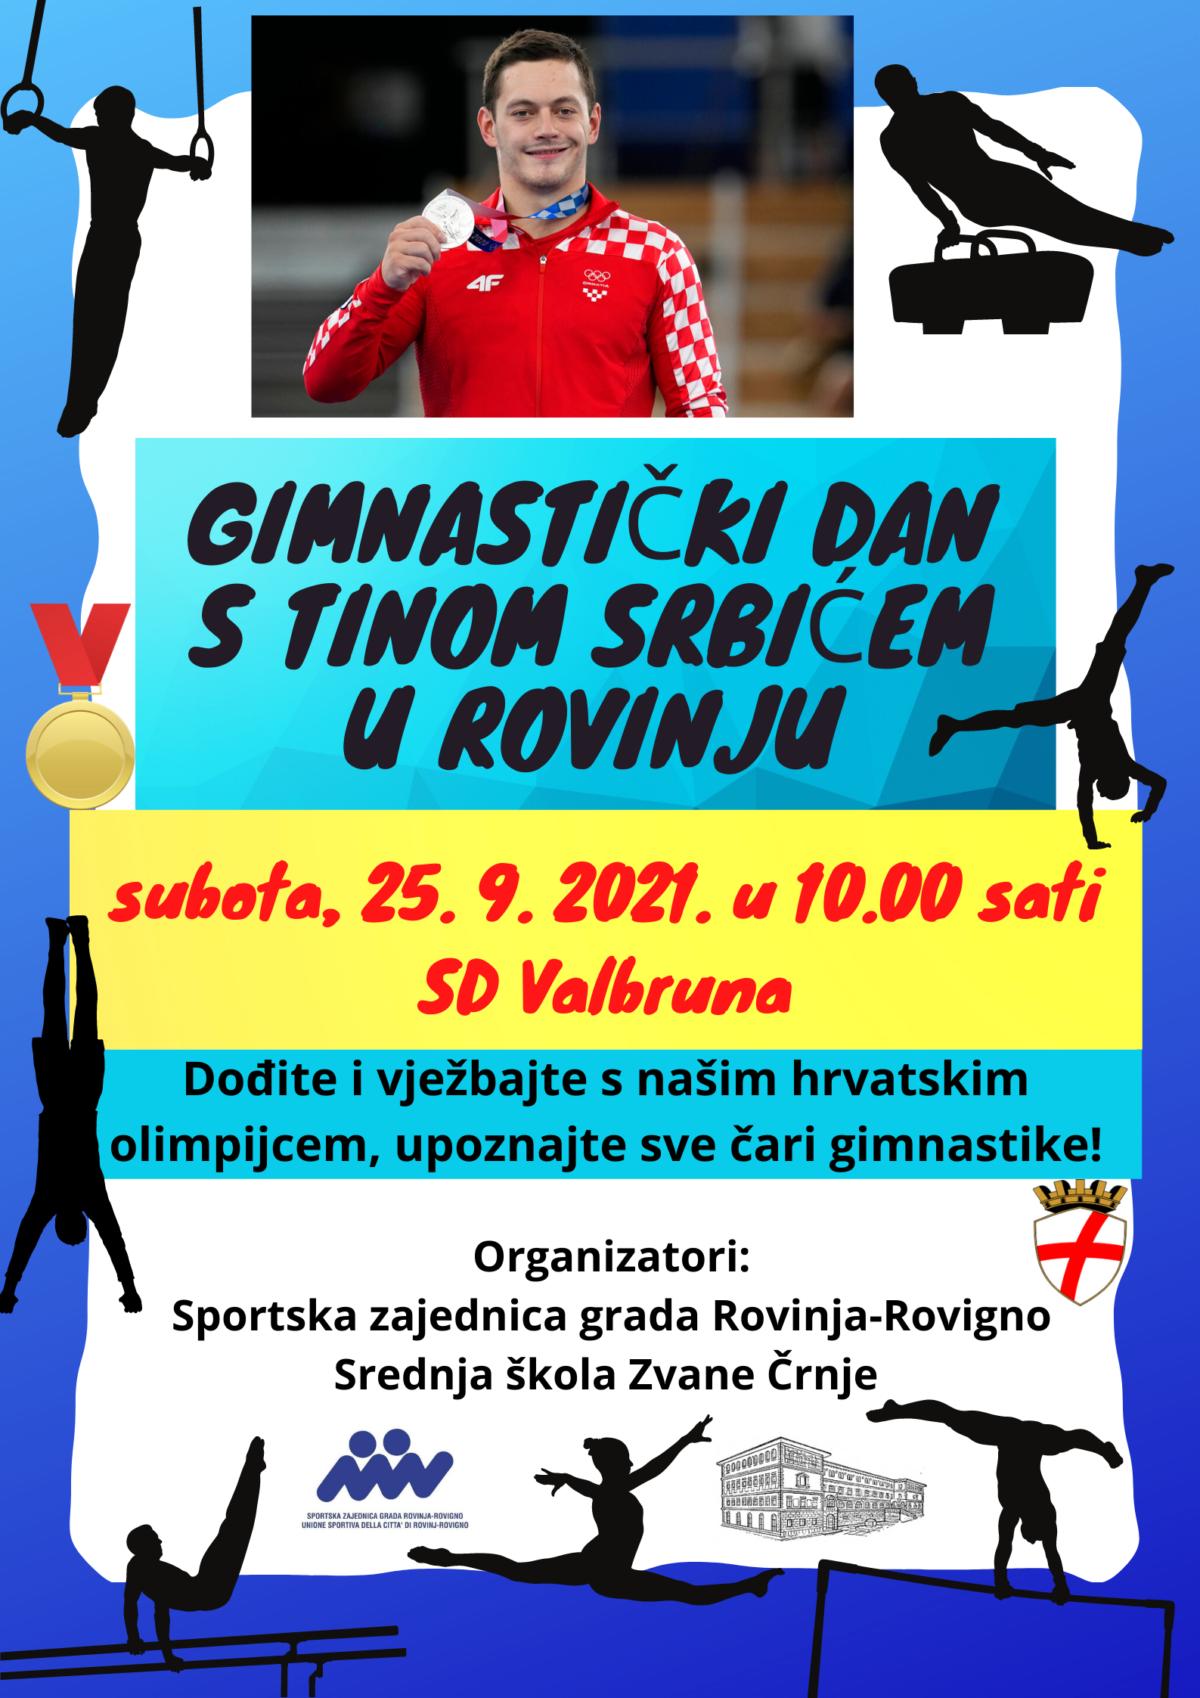 U subotu se održava Gimnastički dan s Tinom Srbićem - glavna fotografija